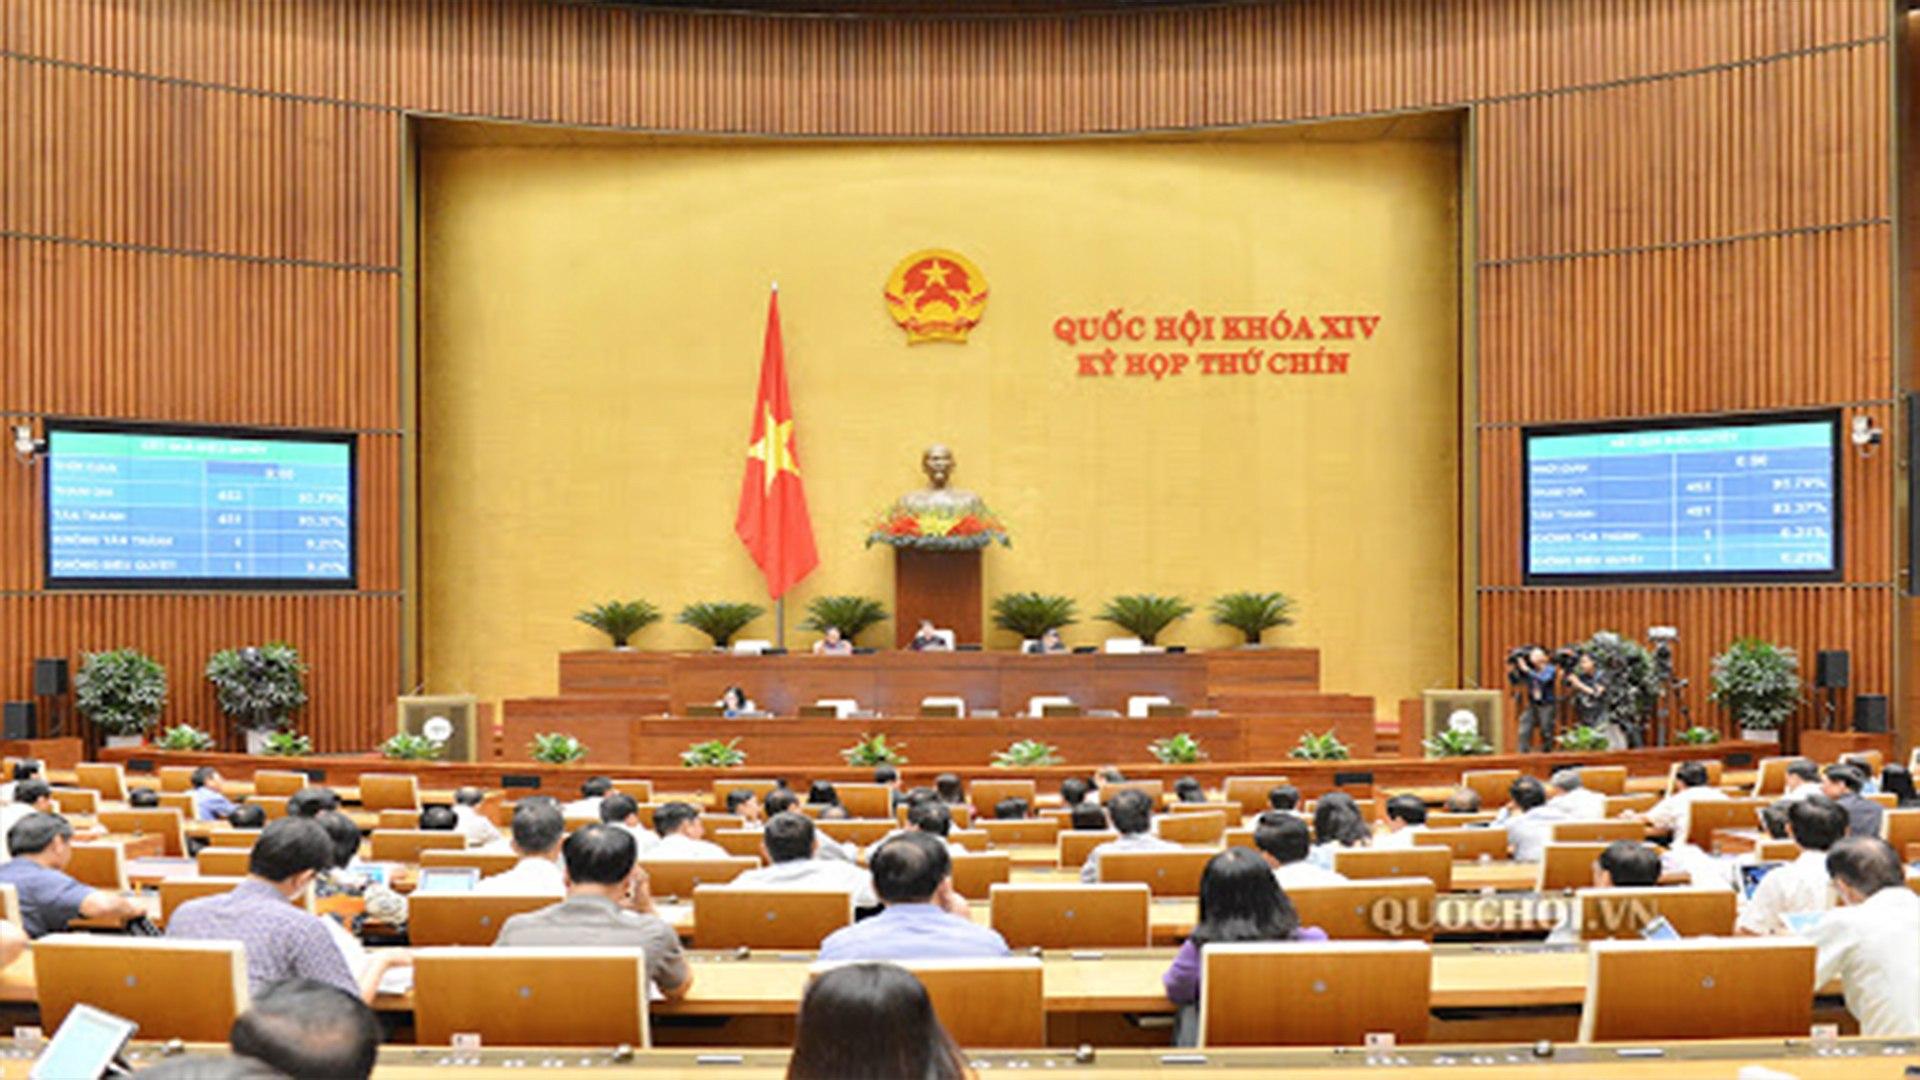 Chính thức kiện toàn Hội đồng Bầu cử Quốc gia